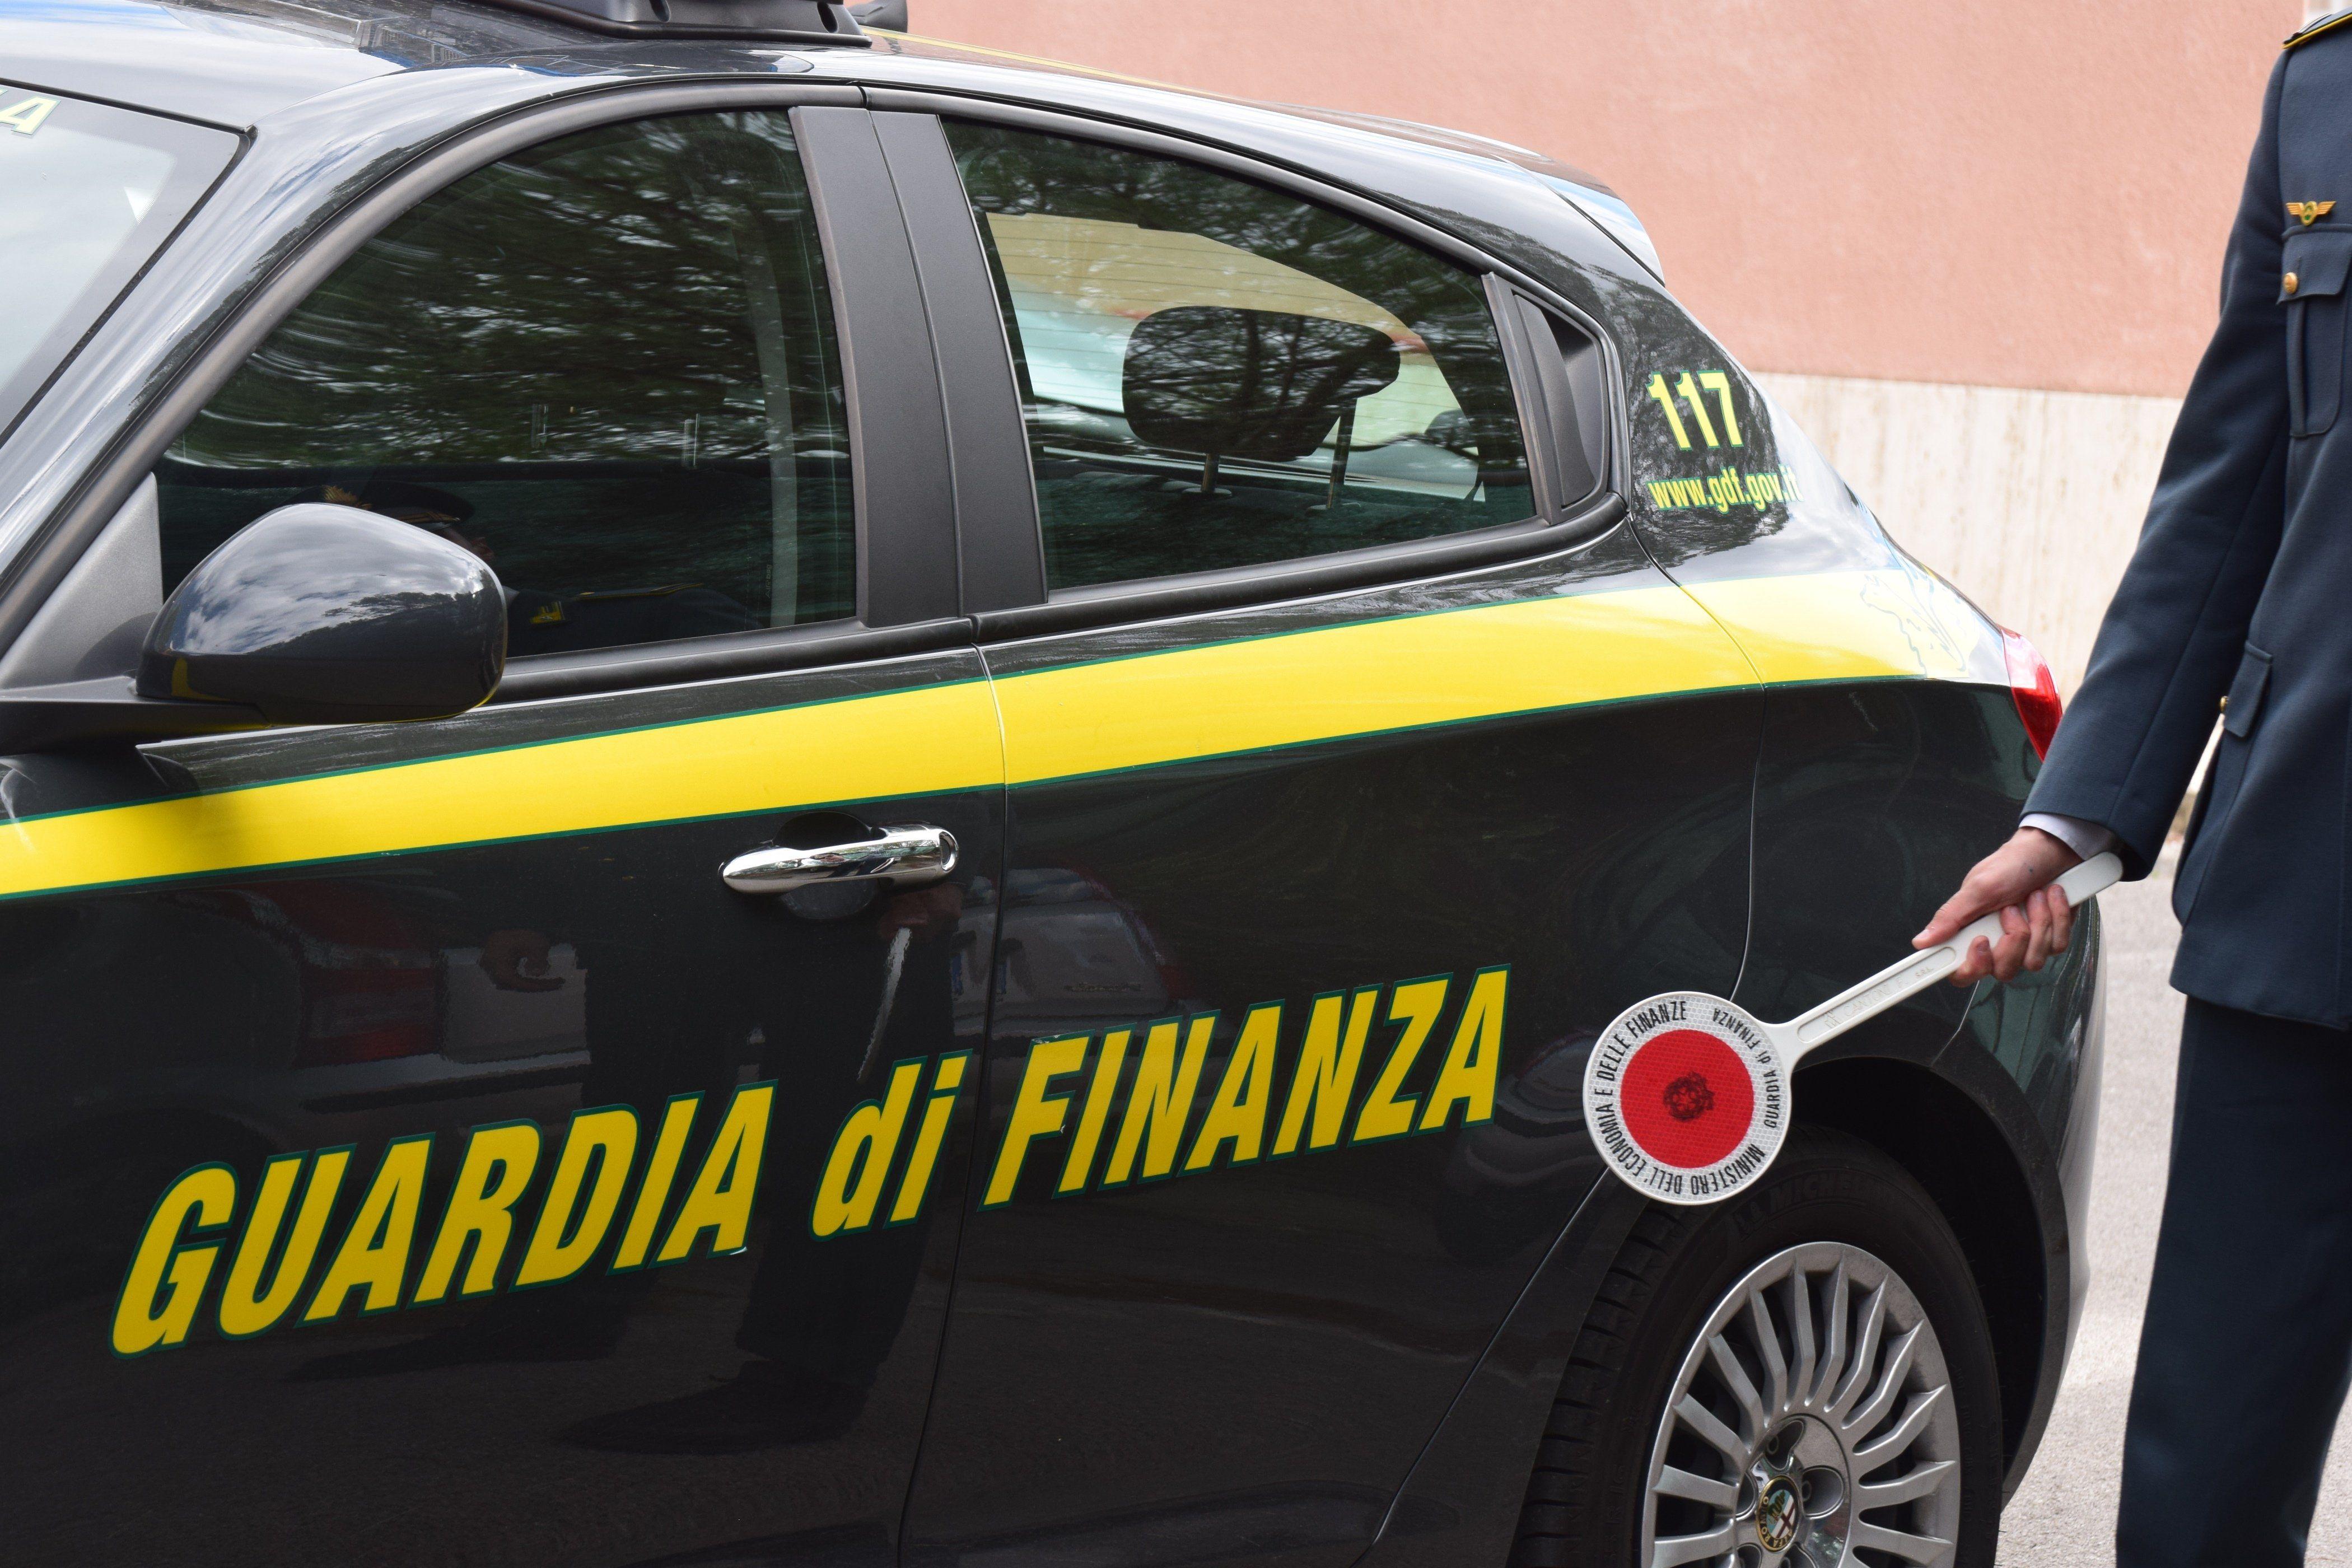 CRONACA - La Guardia di finanza sequestra articoli finti Made in Italy nei supermercati di tutta la provincia